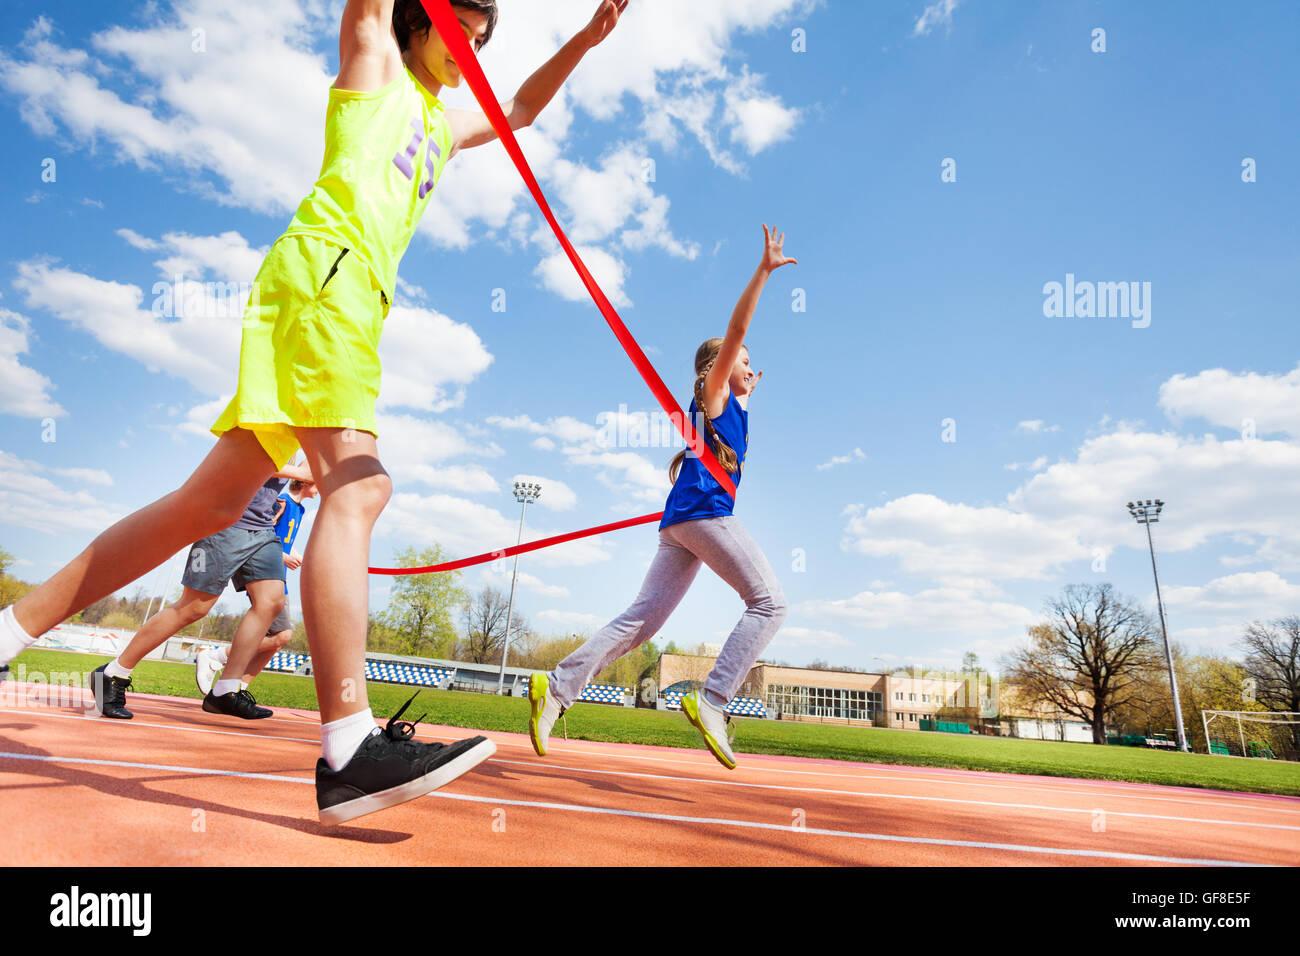 Happy girl crossing ligne d'arrivée sur le champ de courses Photo Stock